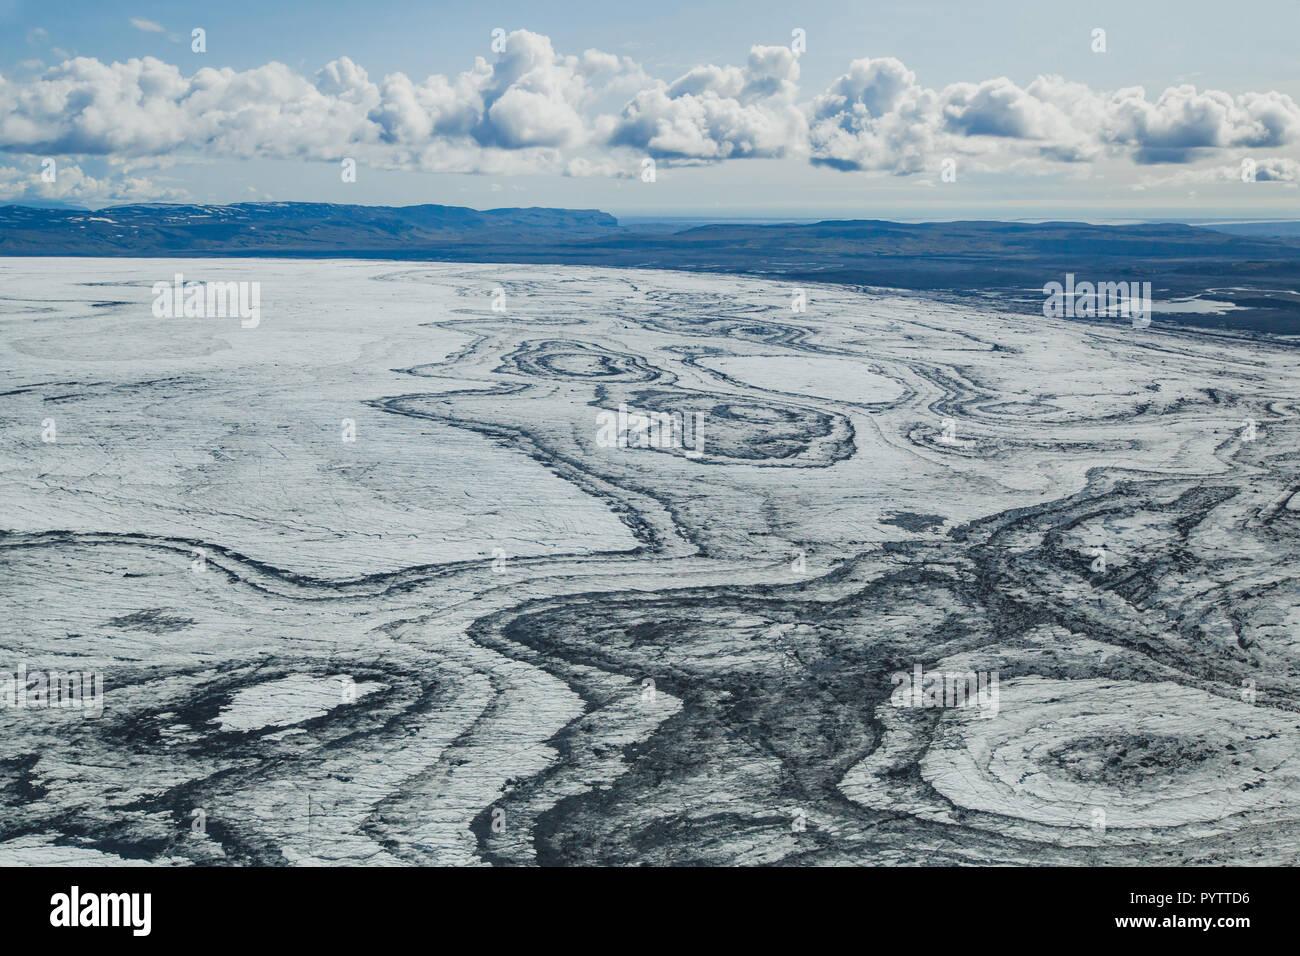 Antenne Landschaft der Gletscher in Island, eiskappe Textur Blick vom kleinen Flugzeug gesehen Stockbild